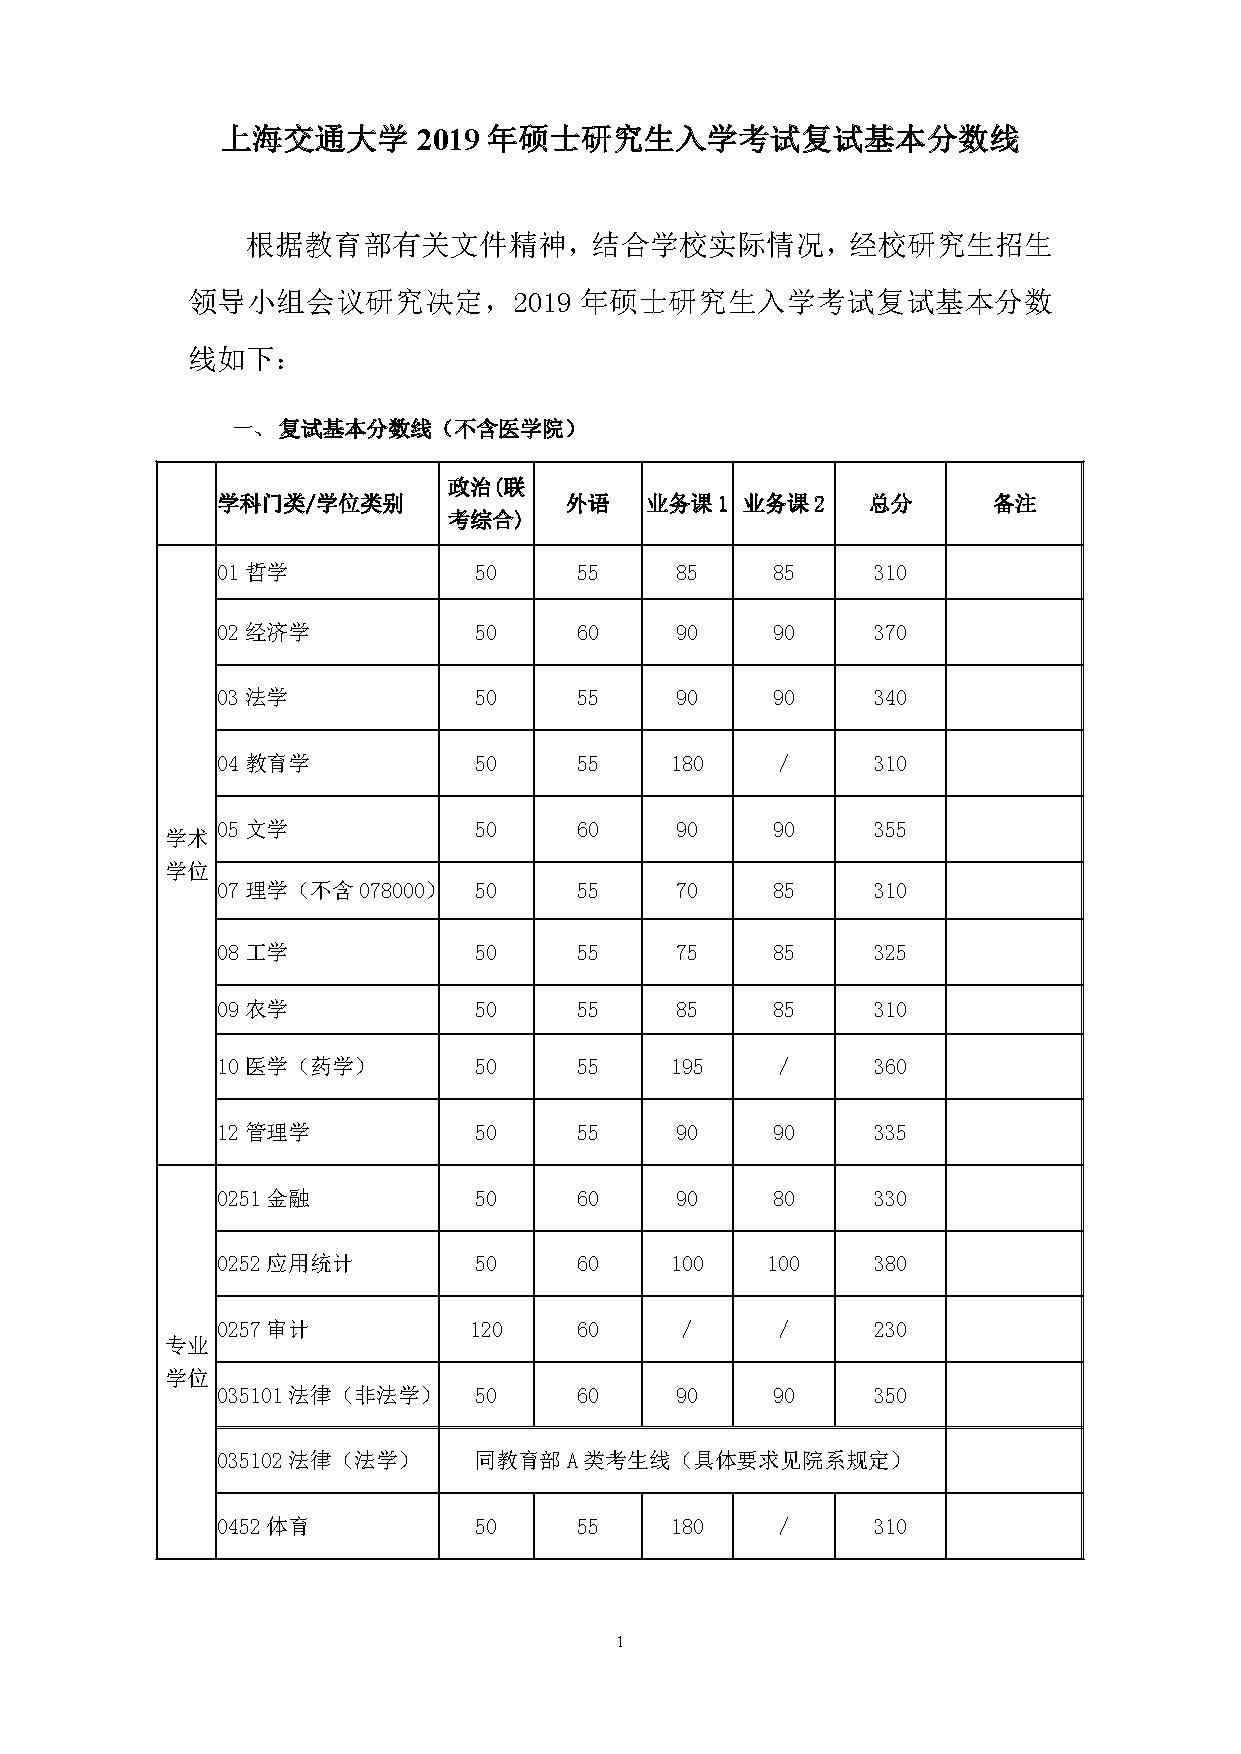 上海交通大学2019年考研复试基本分数线